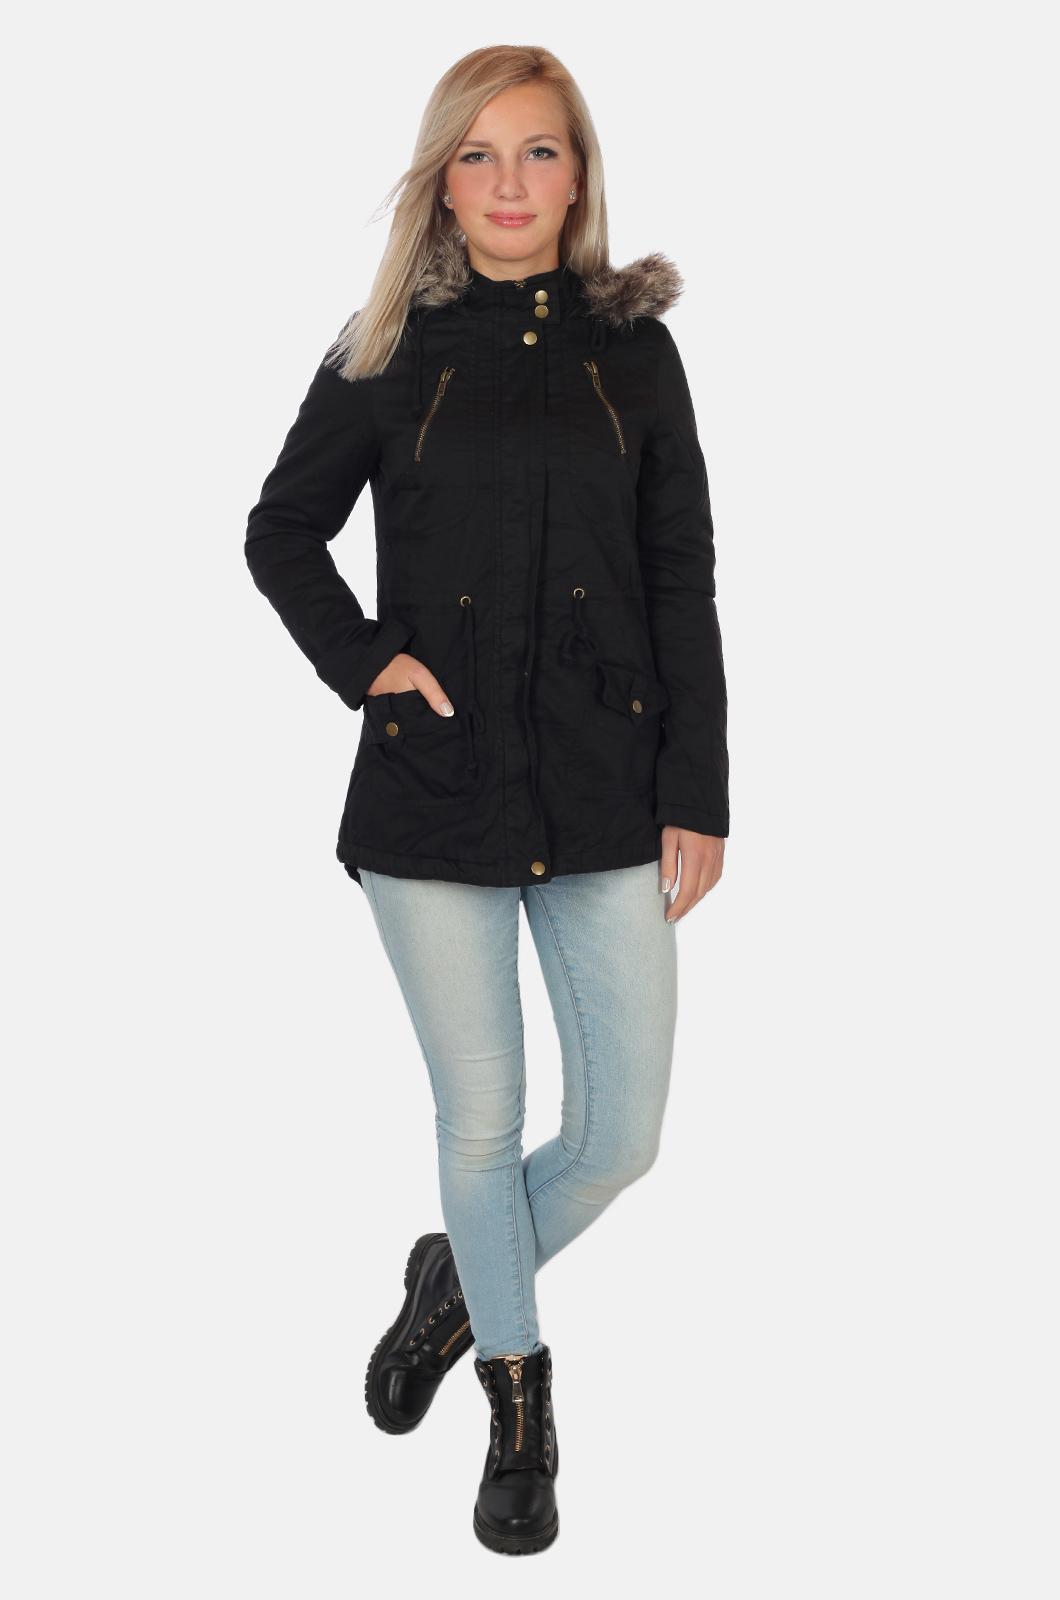 Купить куртку женскую DOTTI по выгодной цене